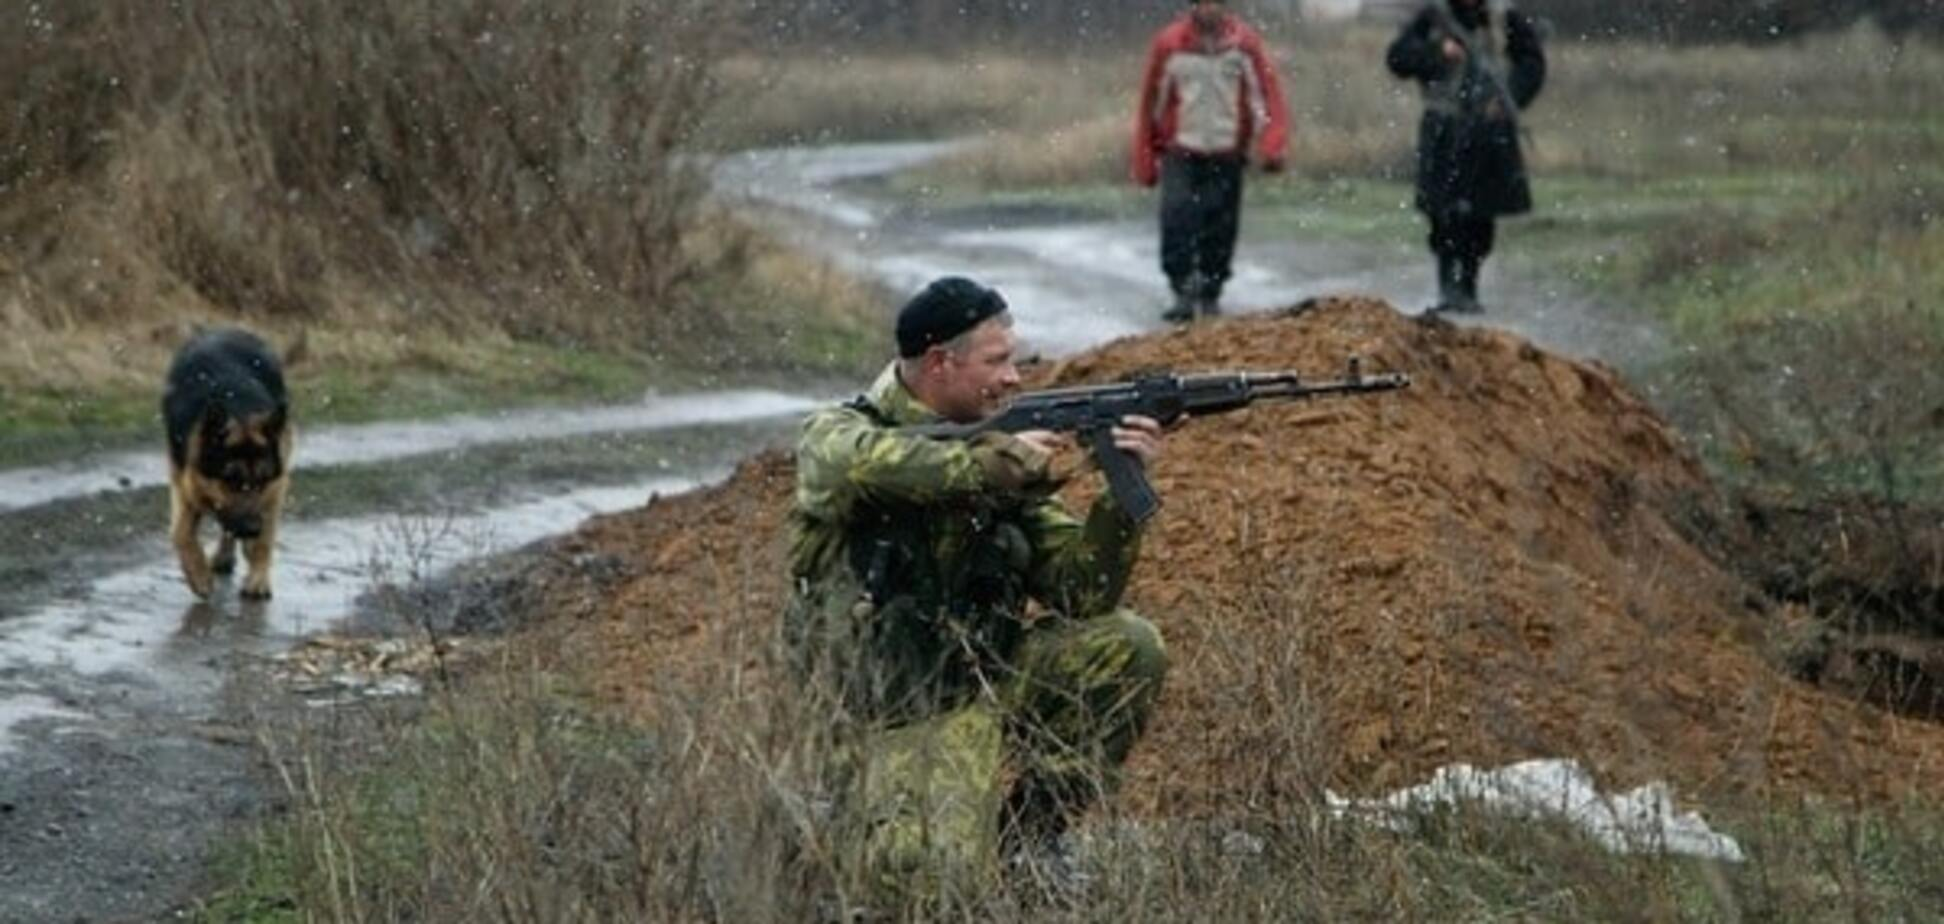 У штабі АТО розповіли про епіцентр боїв на Донбасі: ситуація напружена